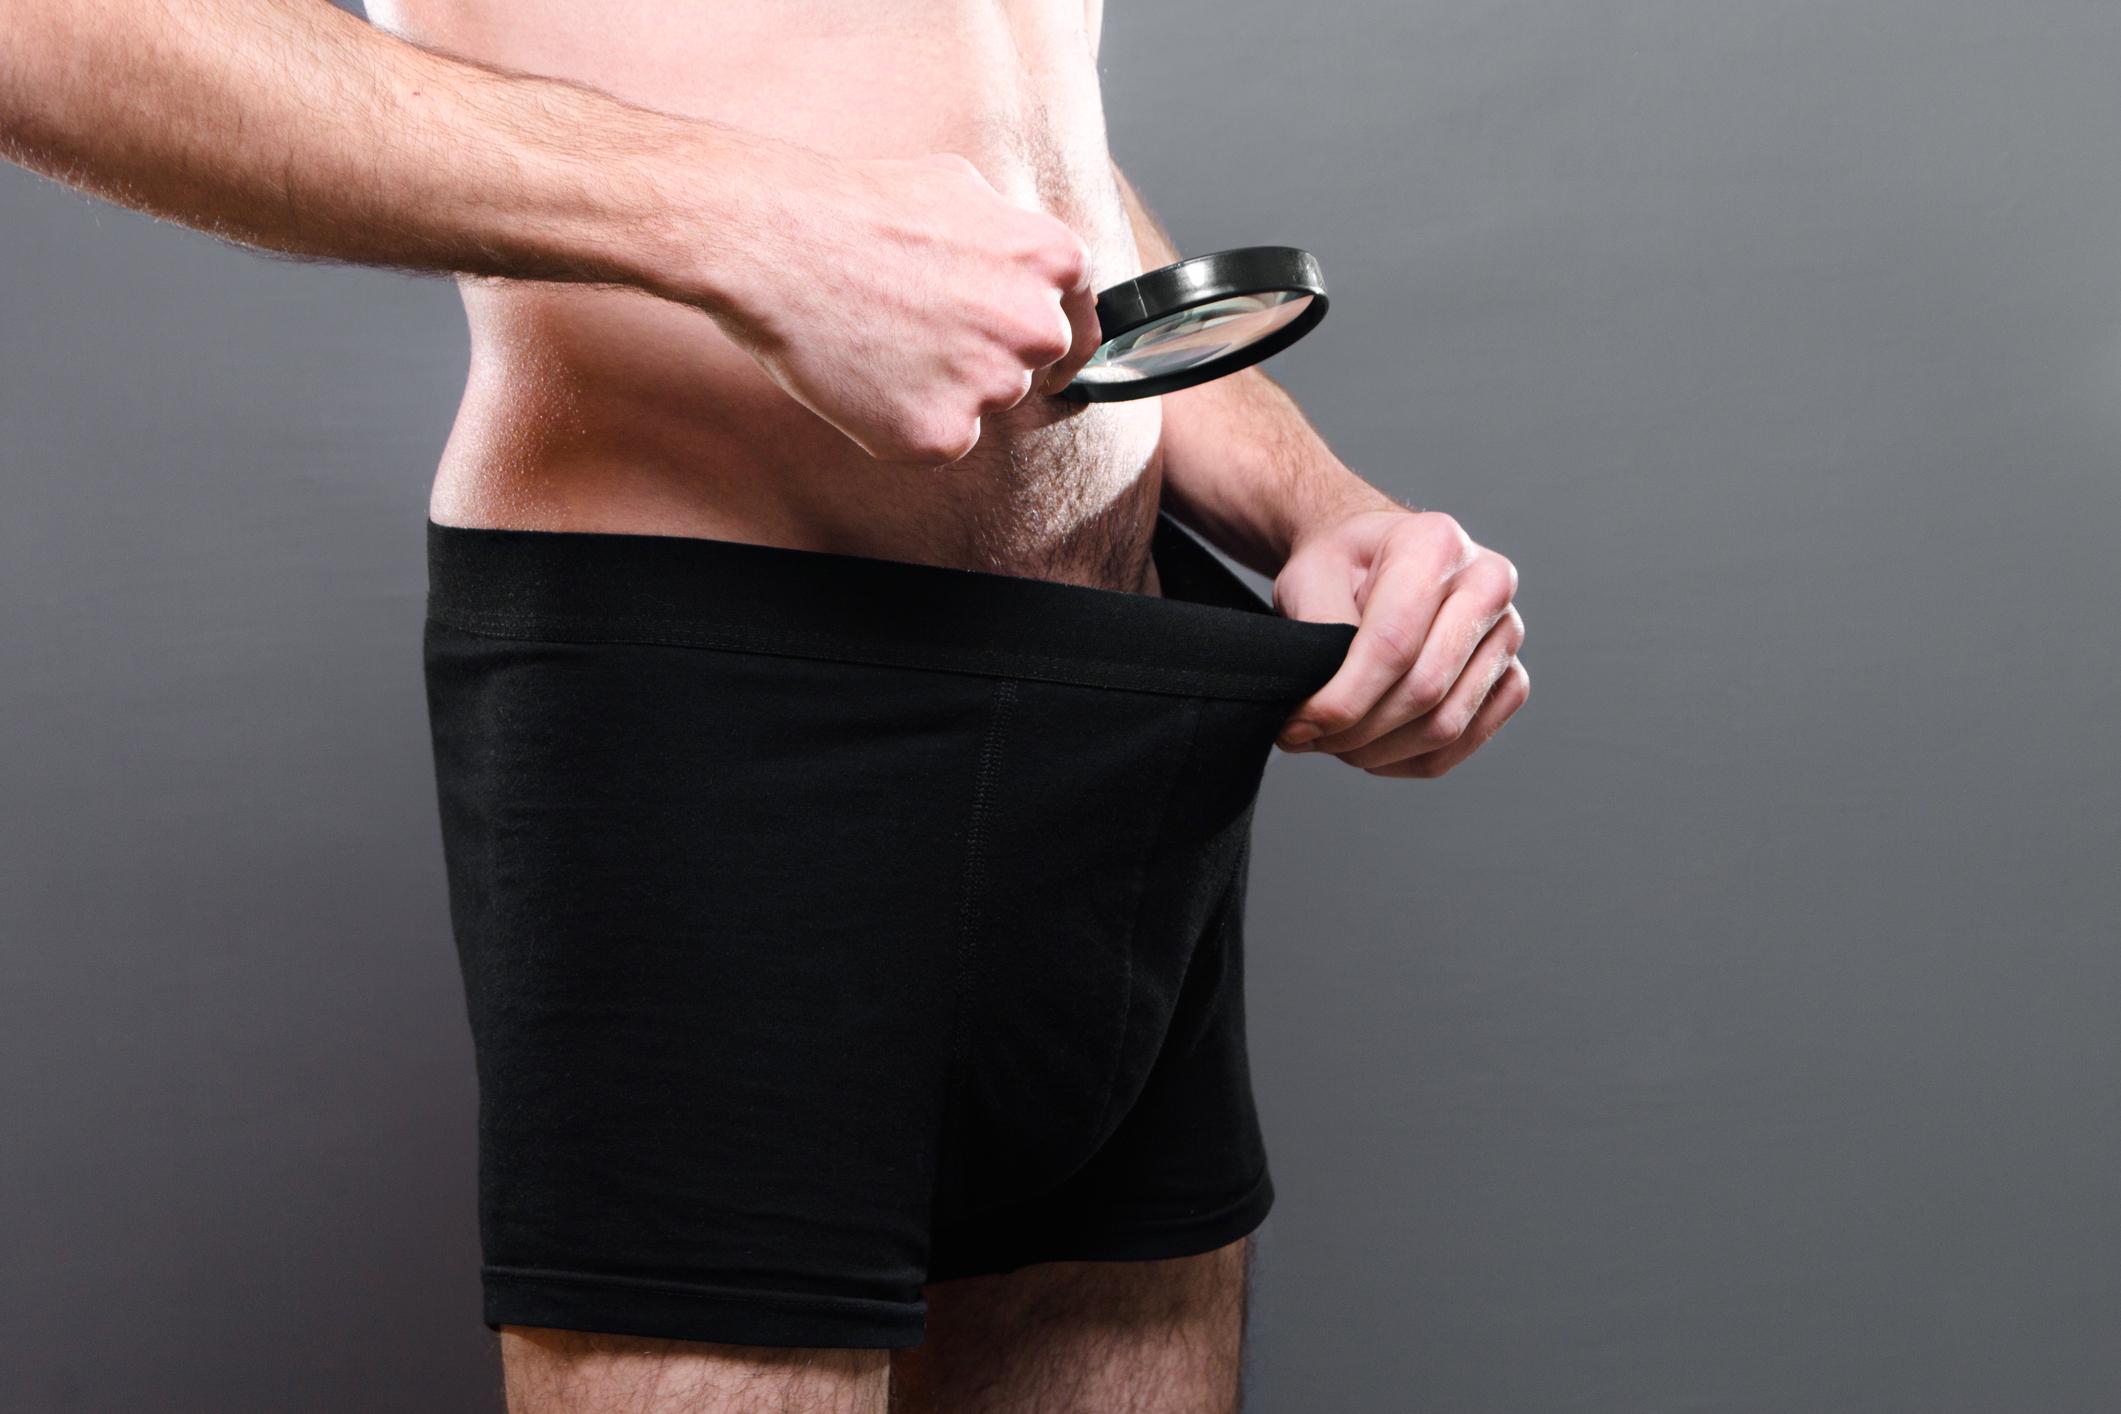 A legjobb szexpózok kis pénisszel rendelkező pasiknak (18+)